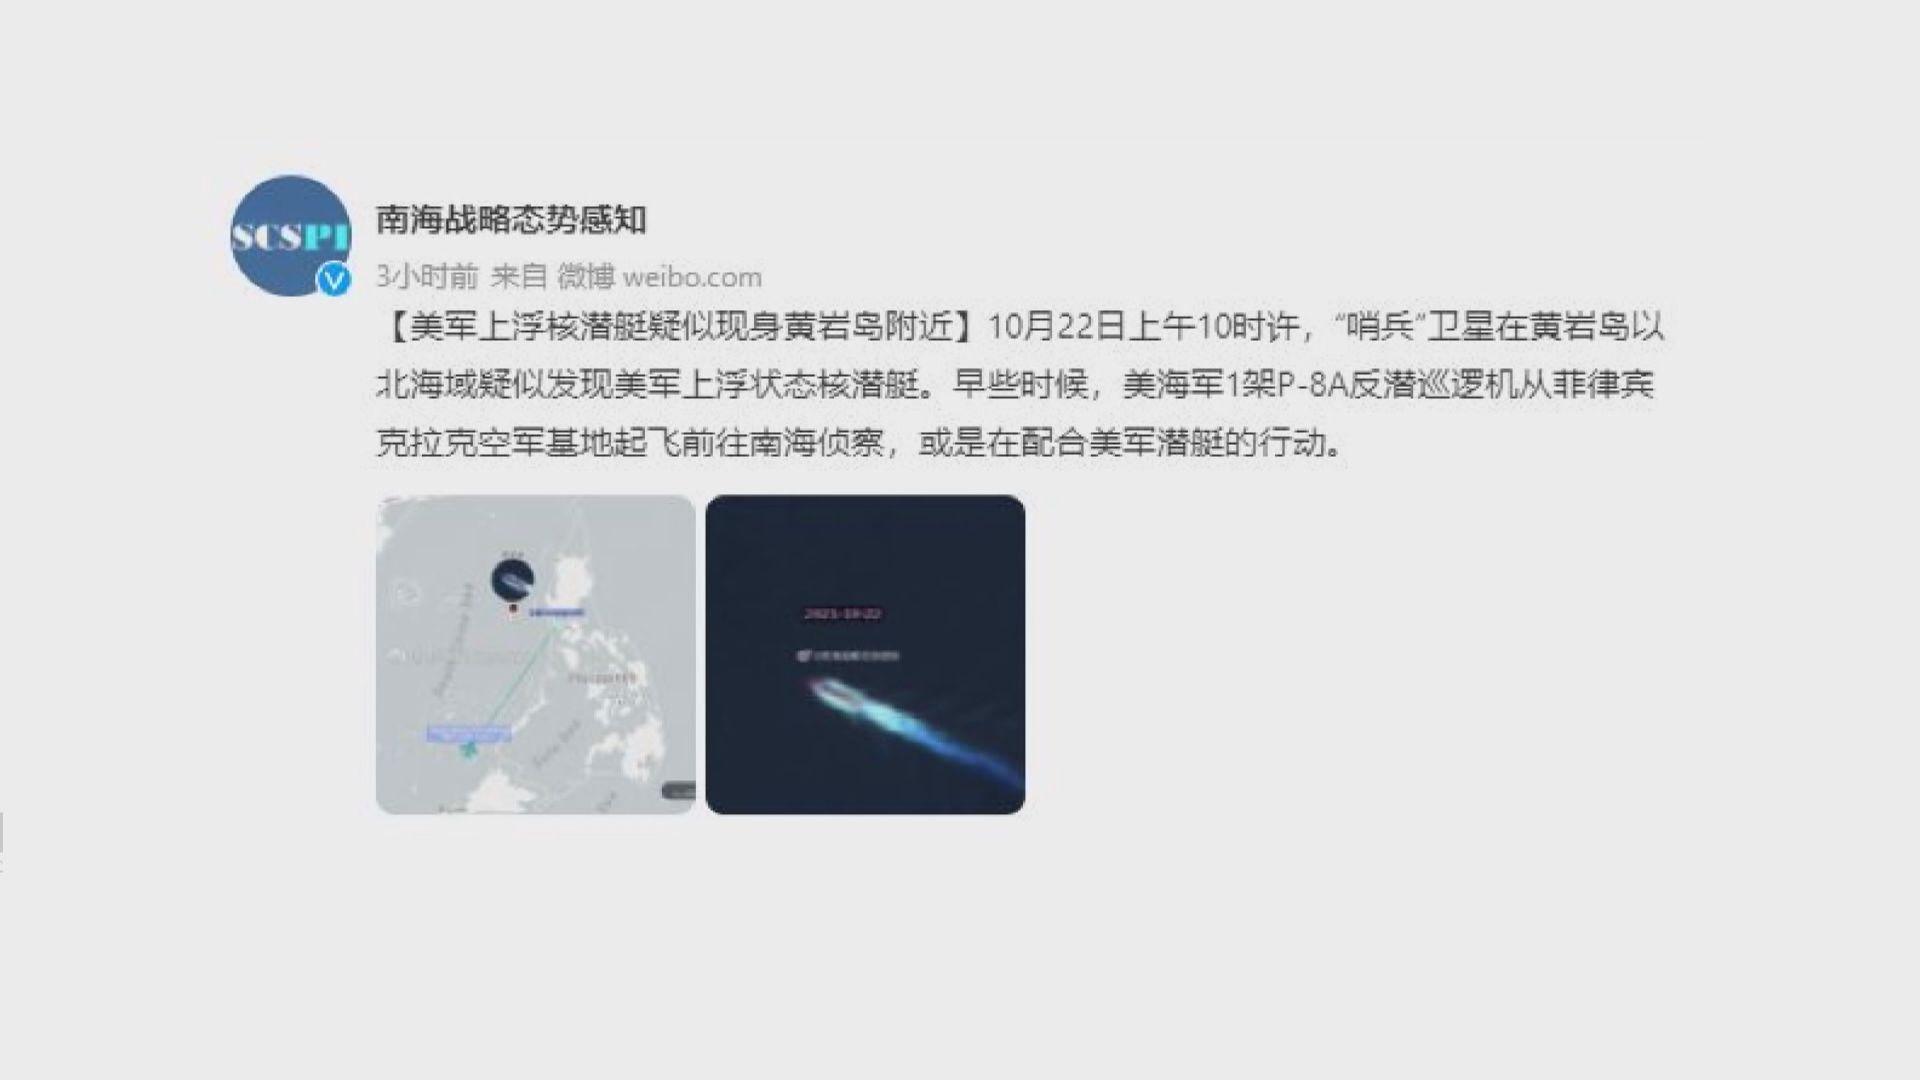 內地智庫稱美軍核潛艇疑出現於黃岩島附近